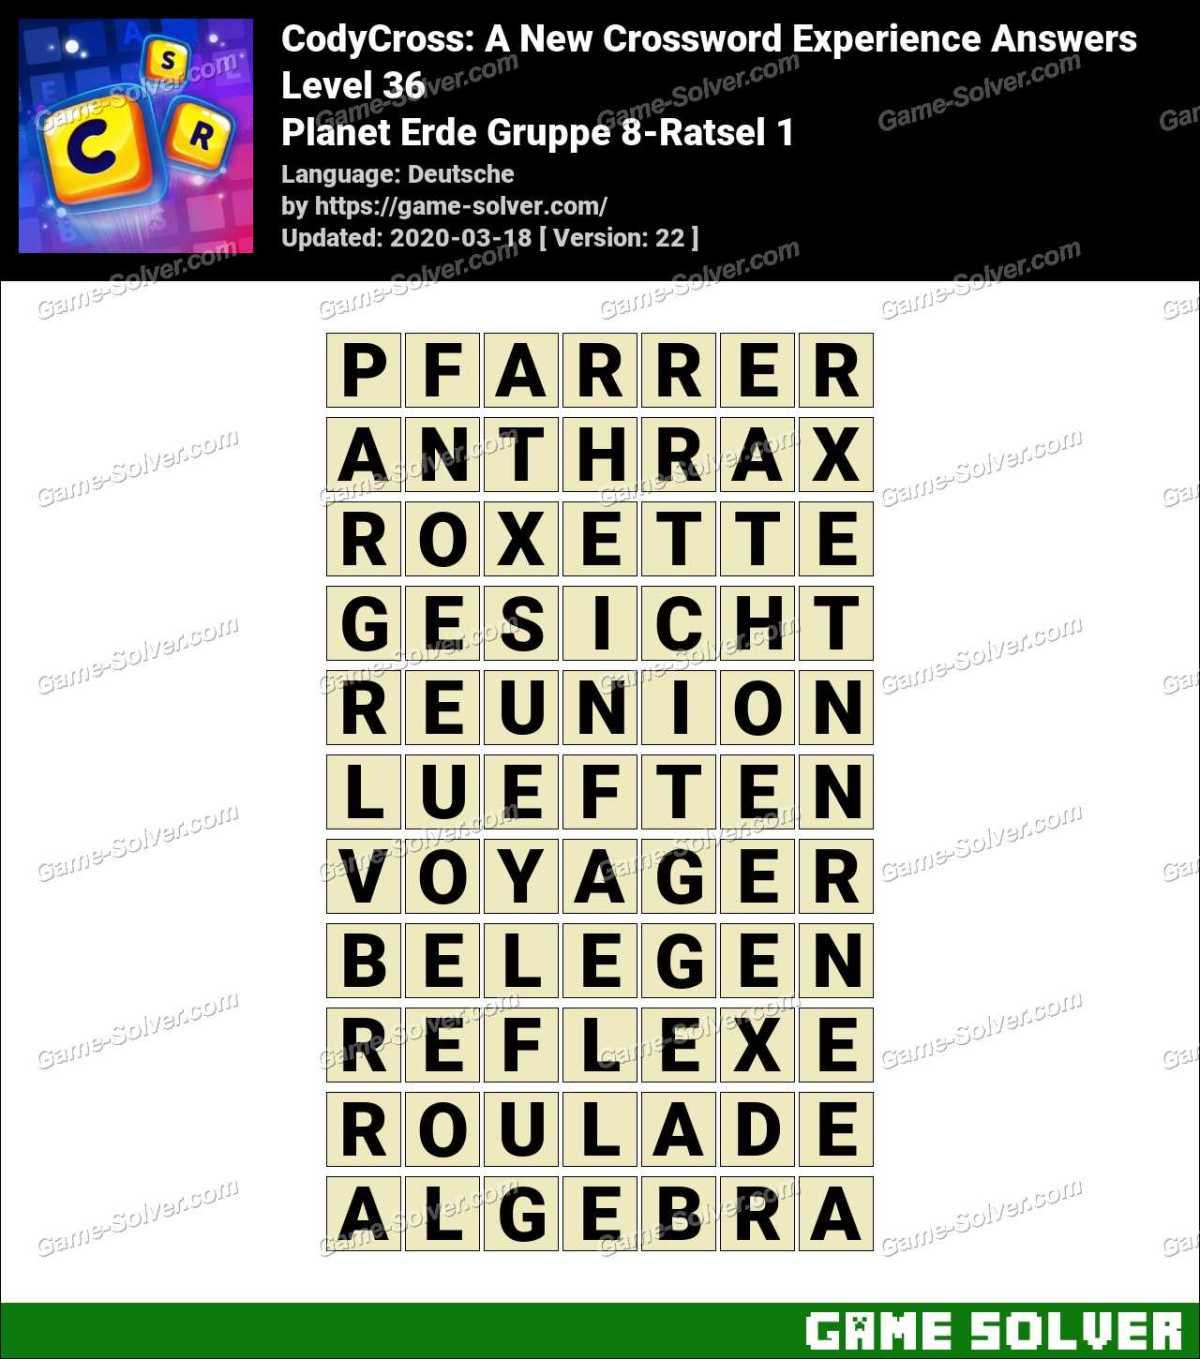 CodyCross Planet Erde Gruppe 8-Ratsel 1 Lösungen